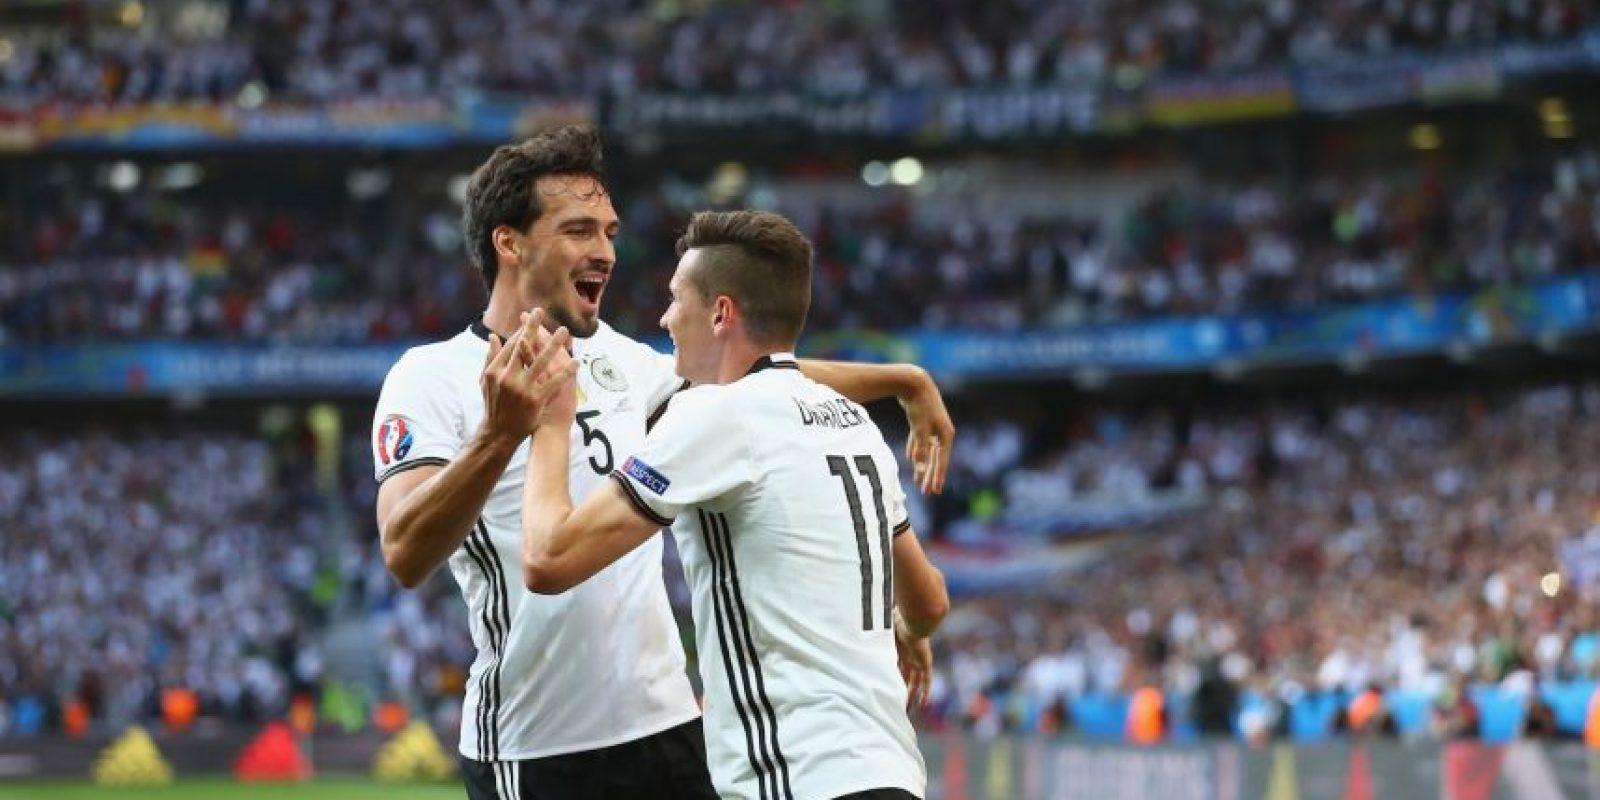 Alemania, en tanto, goleó a Hungría en los octavos de final Foto:Getty Images